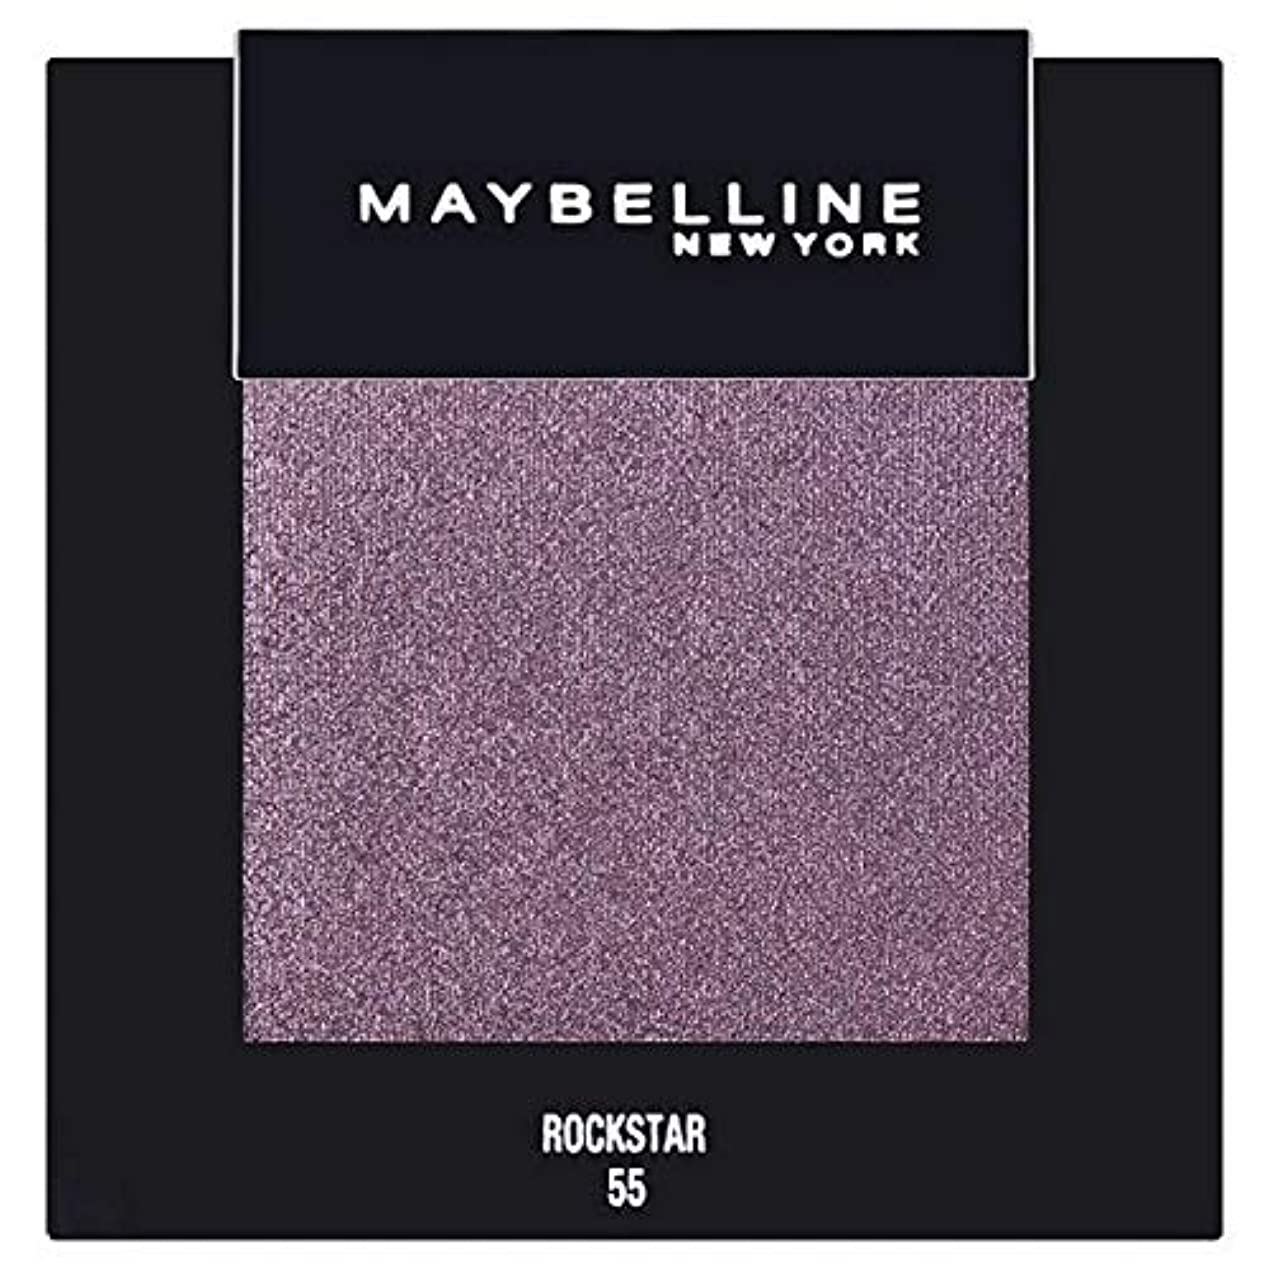 不愉快大佐静かに[Maybelline ] メイベリンカラーショーシングルアイシャドウ55ロックスター - Maybelline Color Show Single Eyeshadow 55 Rockstar [並行輸入品]